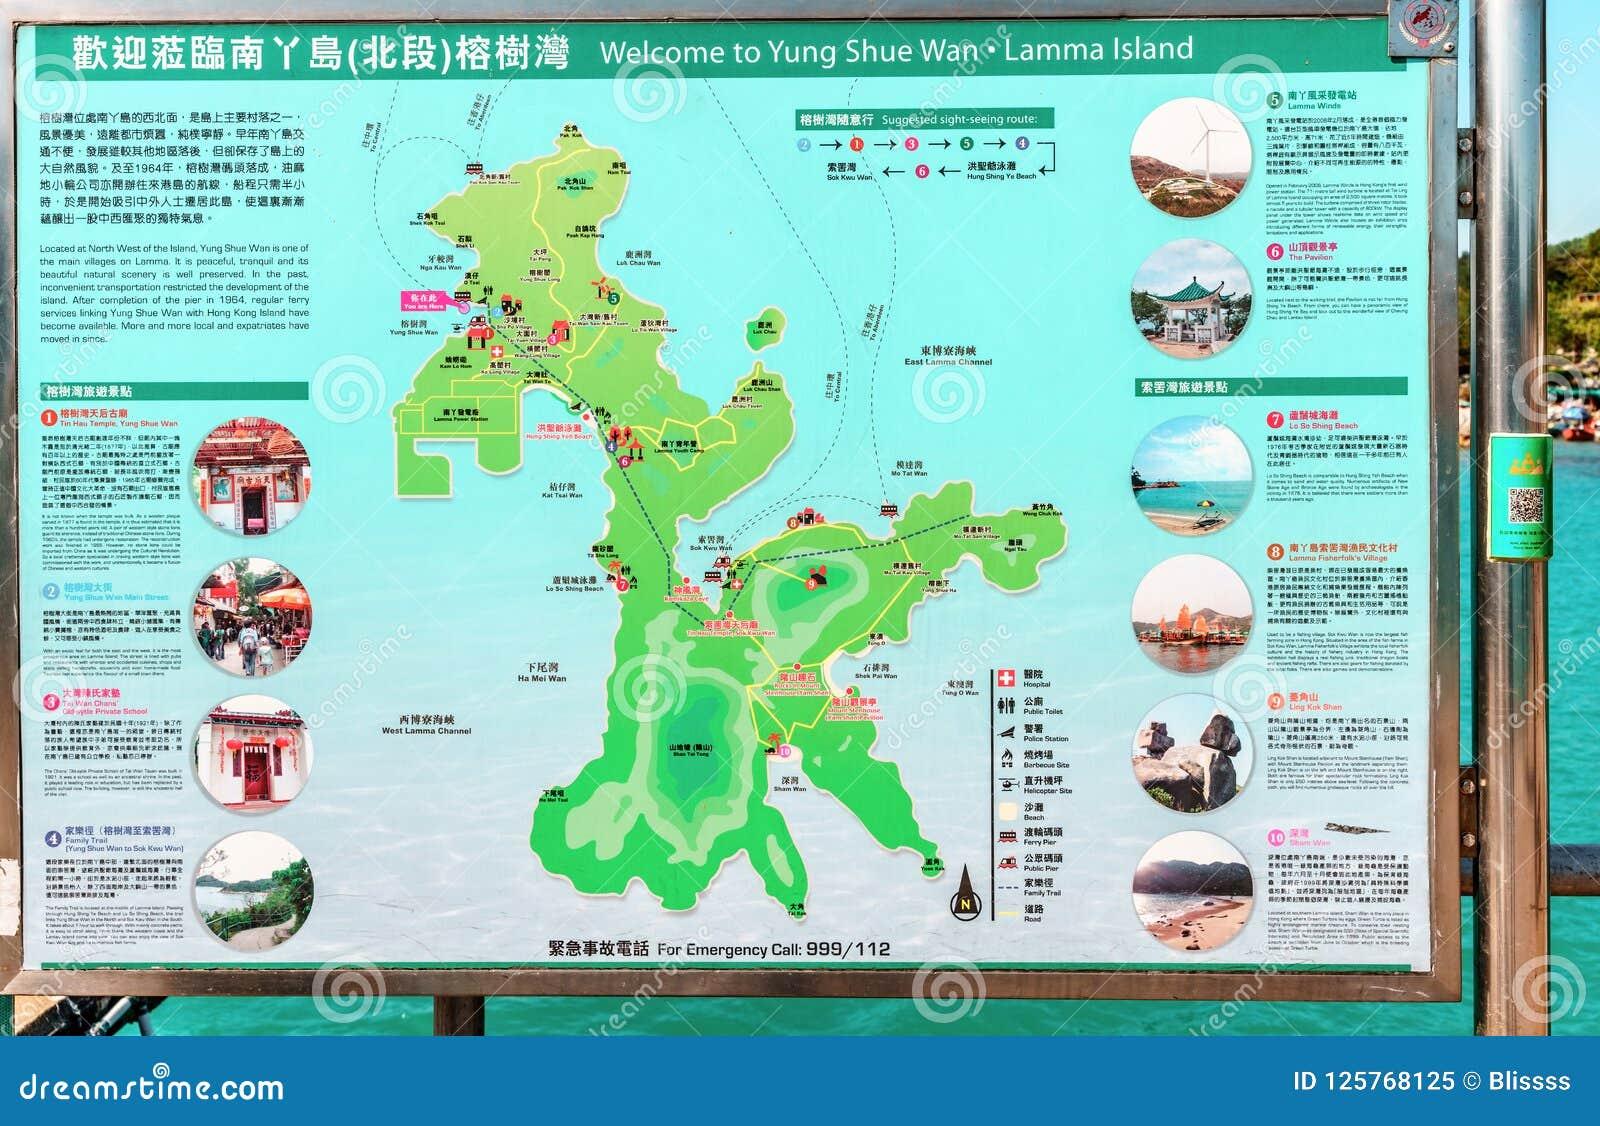 Map Lamma Island Outdoor Map Of Lamma Island In Hog Kong Displays All Main Sights